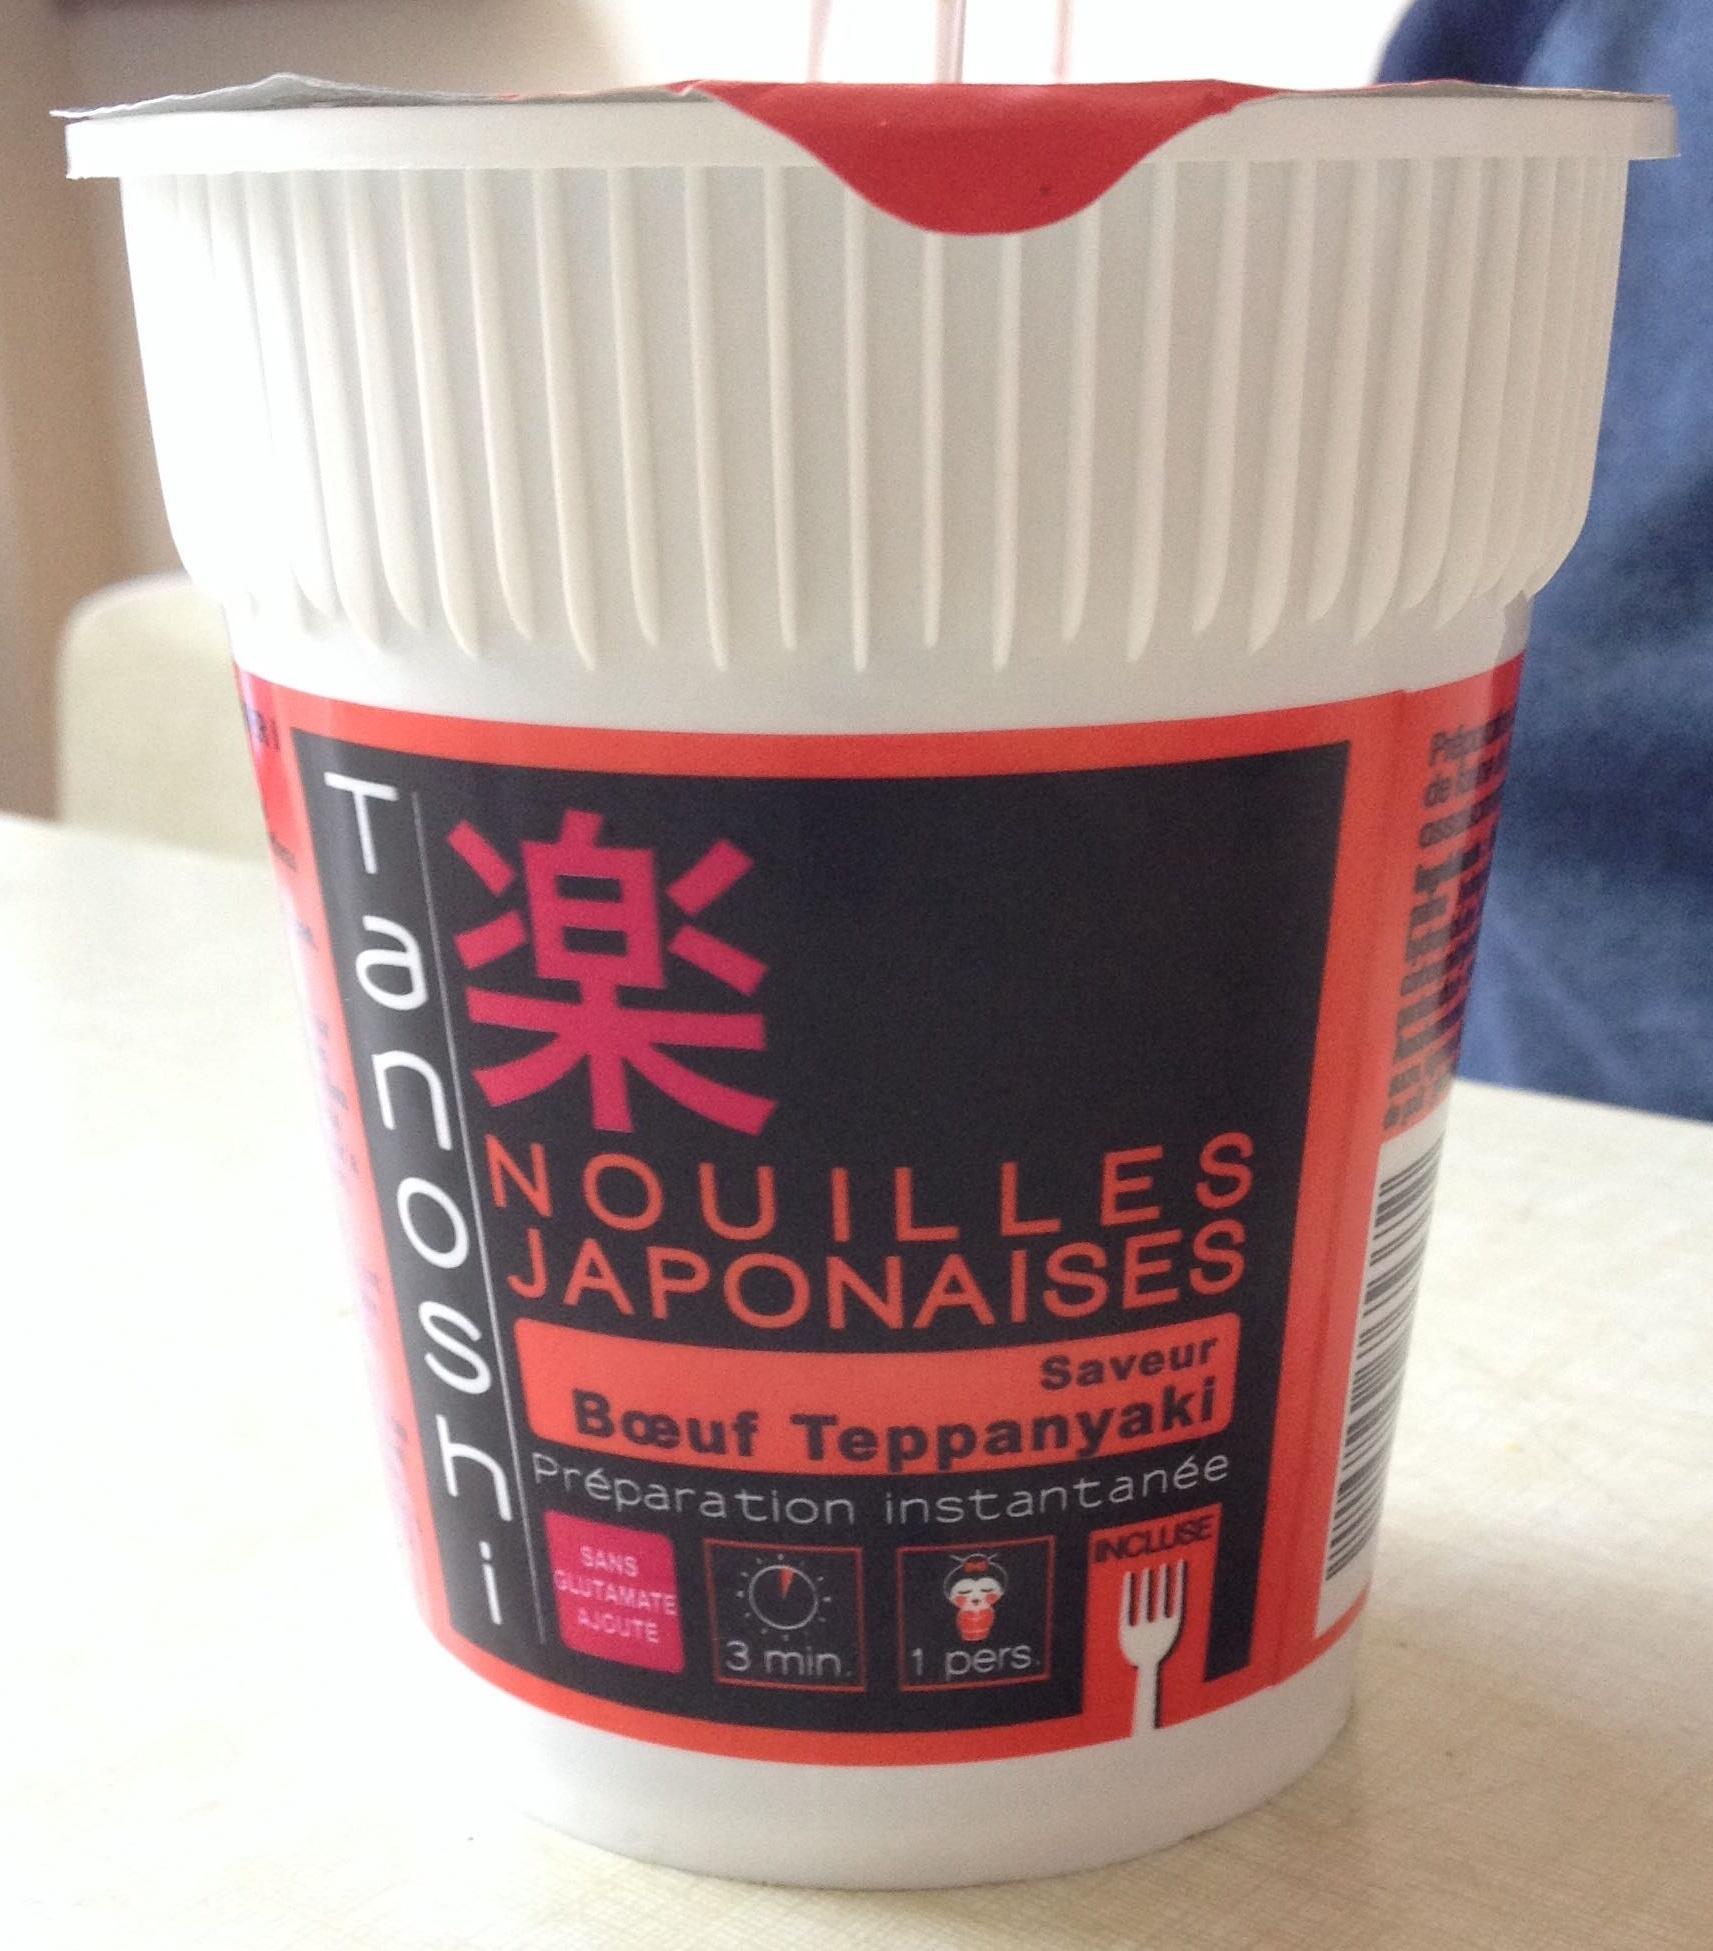 Nouilles japonaises saveur Boeuf Teppanyaki - Product